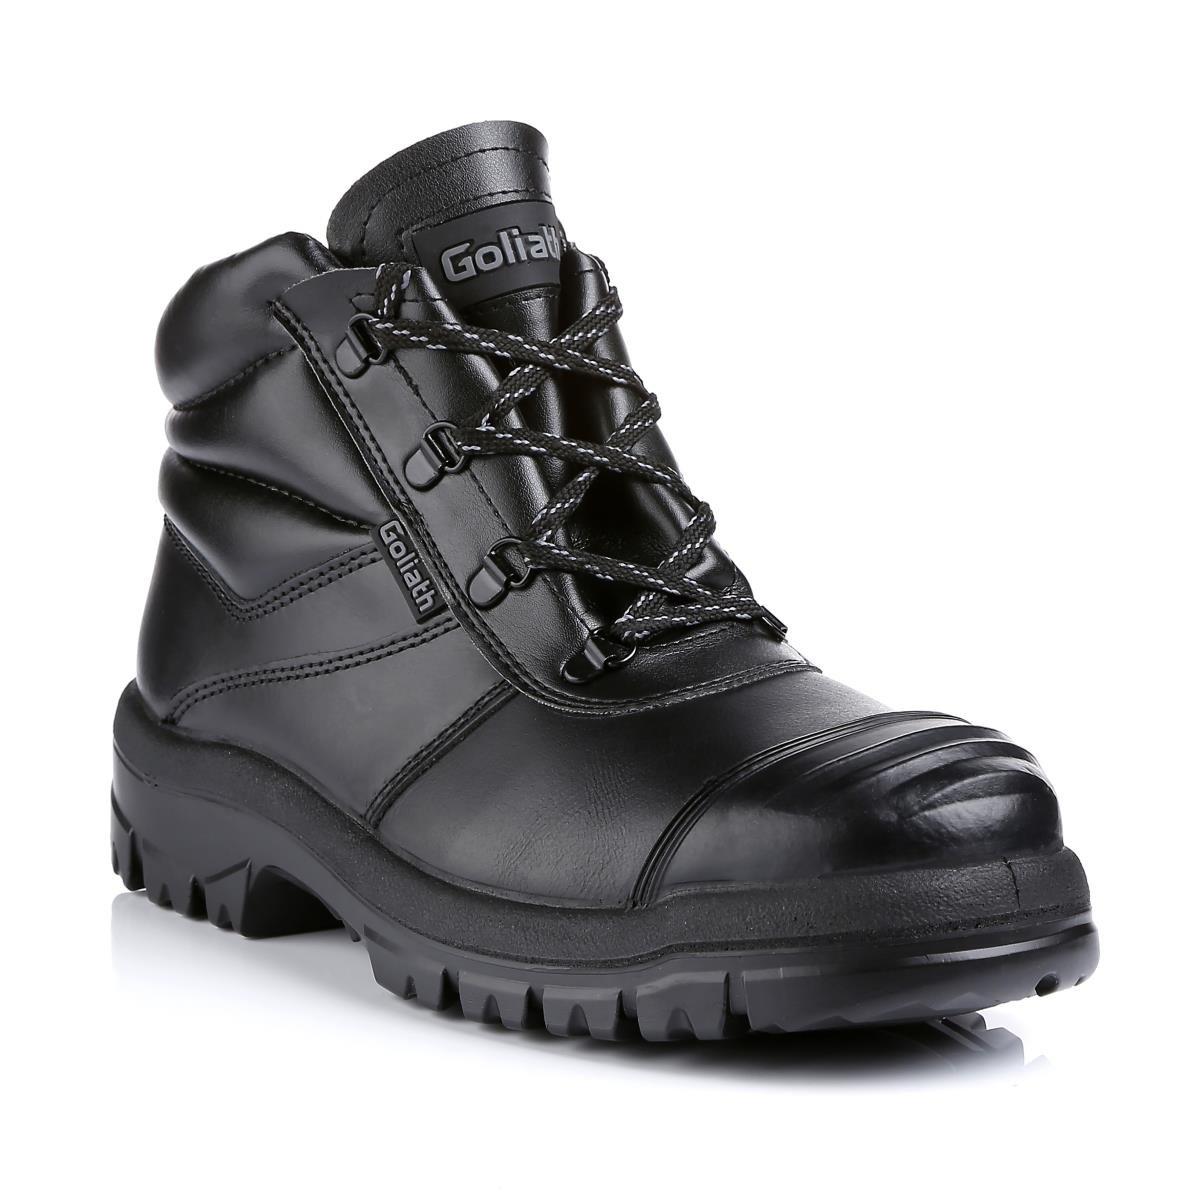 Goliath el170ddr S3 negro botas de seguridad botas, 3, negro, 10: Amazon.es: Industria, empresas y ciencia